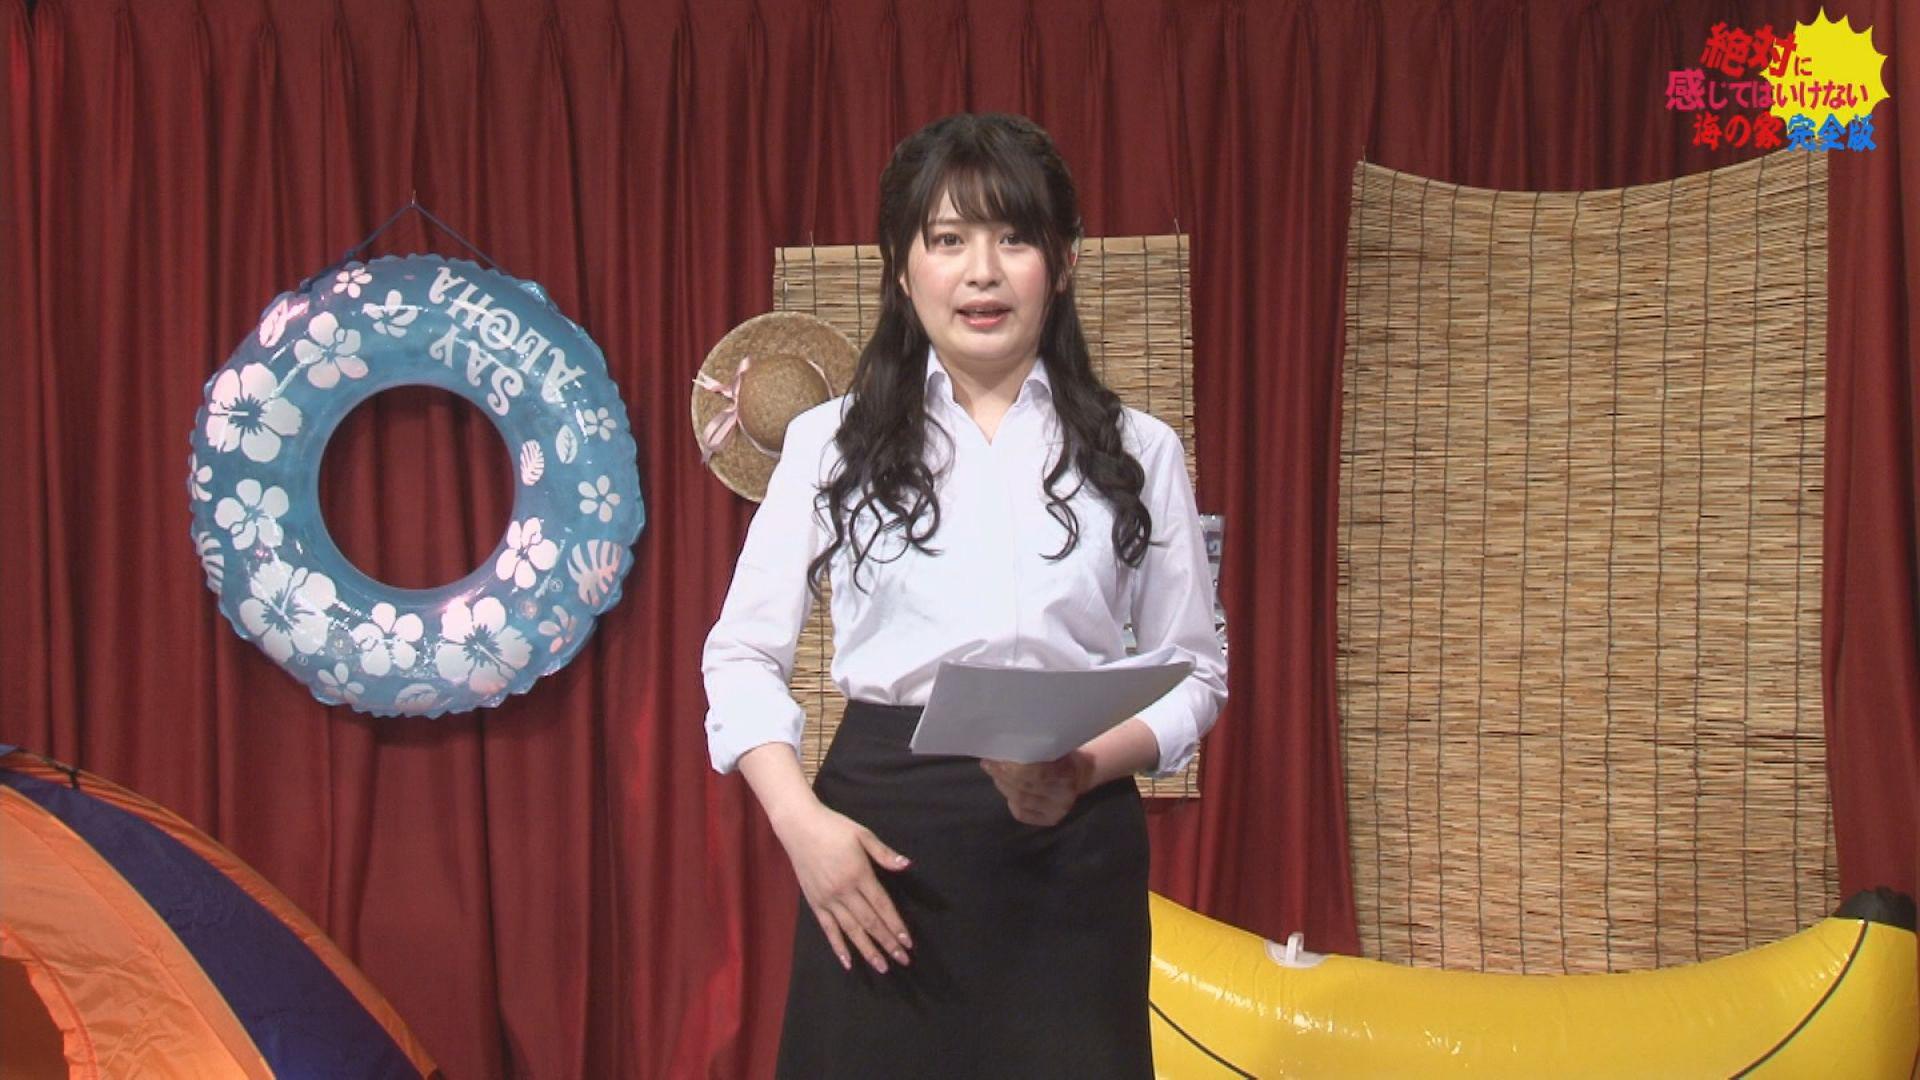 【緊急生放送】絶対に感じてはいけない海の家 生中継 完全版~パラダイステレビ女子アナが悶絶しまくり!